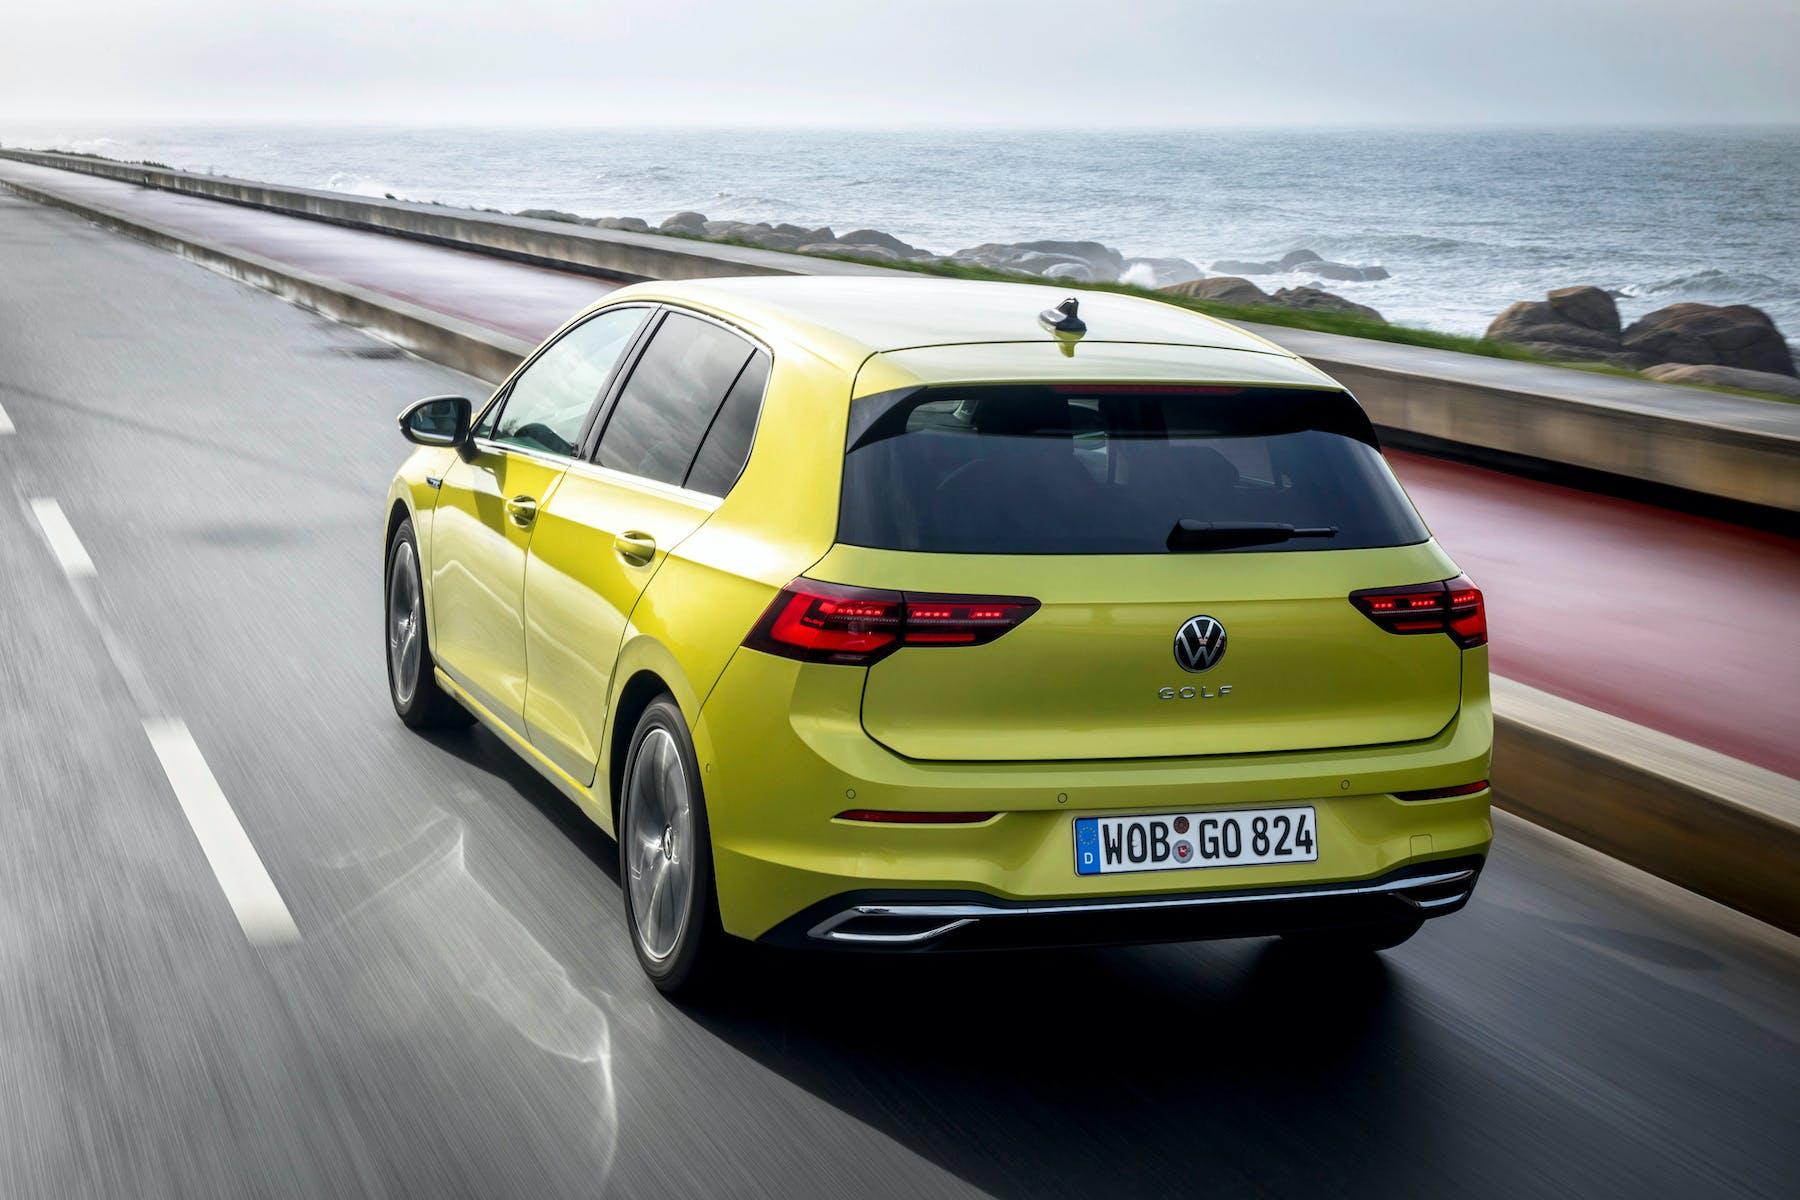 Nuova Volkswagen Golf 8, la prova (gialla, tre quarti posteriore)